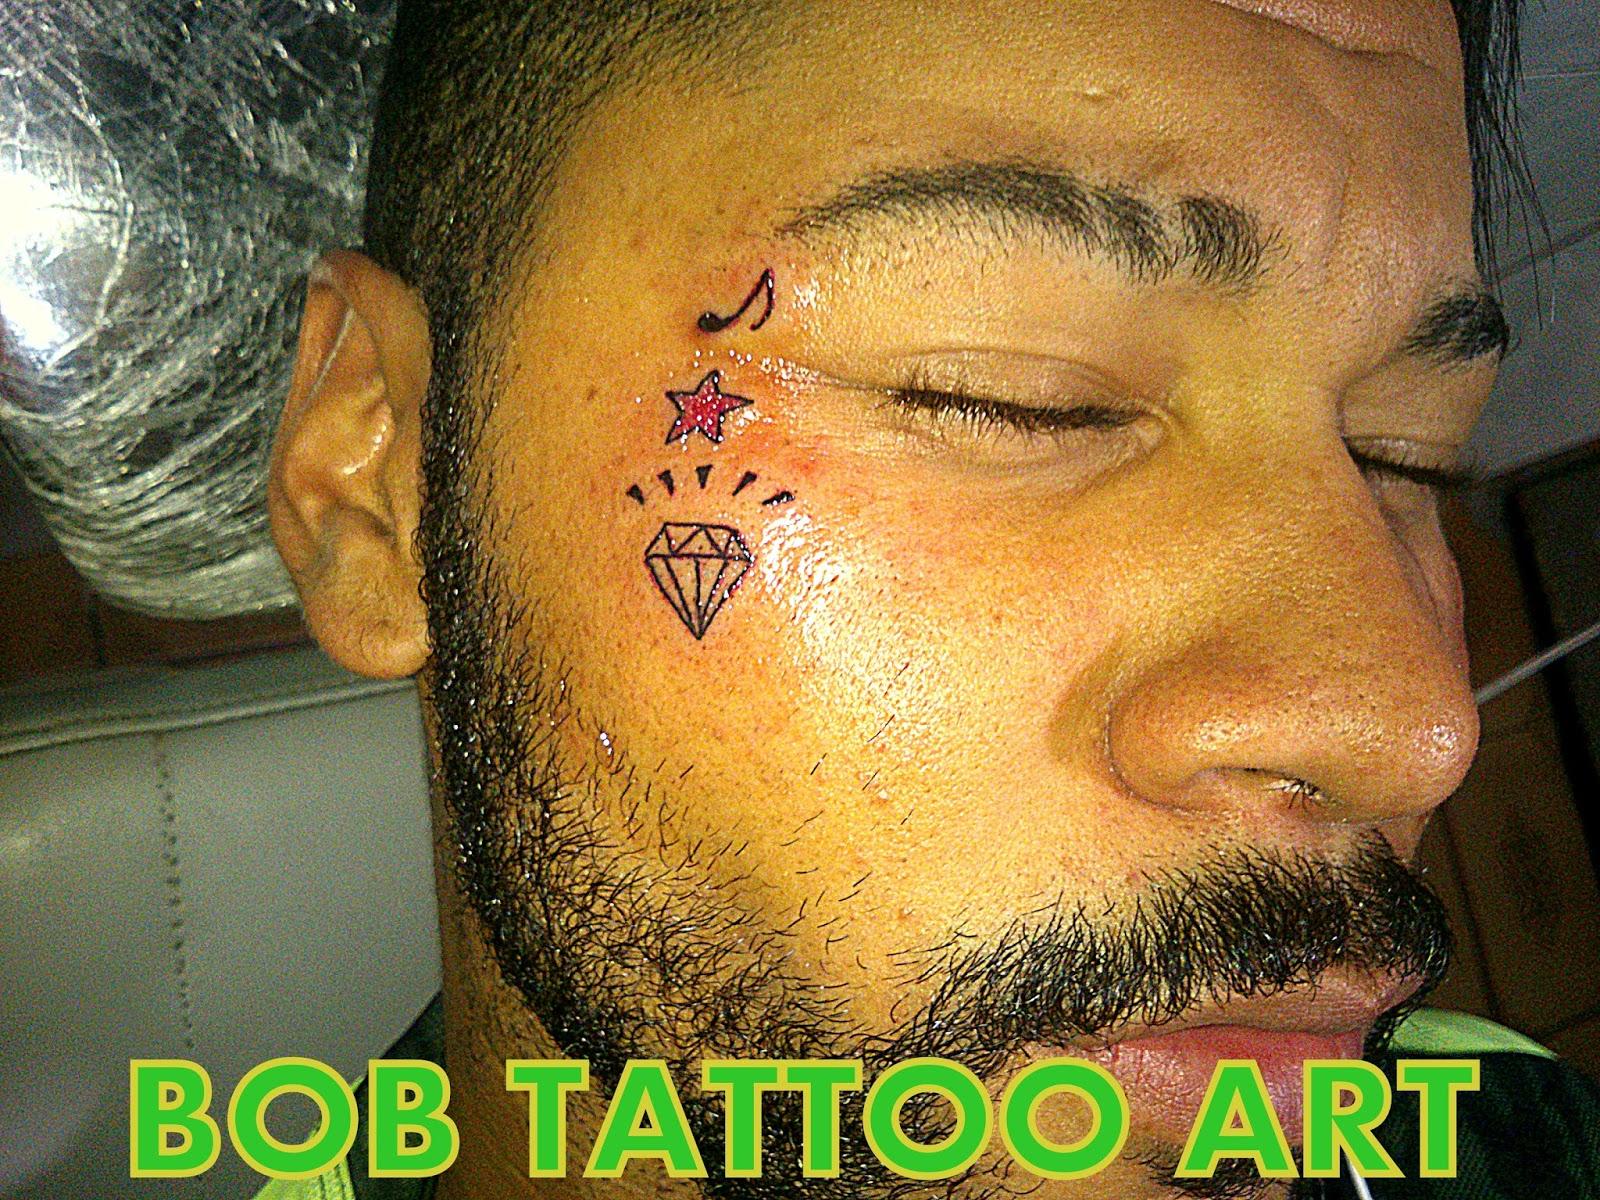 Tatuagem No Rosto Igual Do Mc Guime Fui juntando uma na outra. tatuagem no rosto igual do mc guime